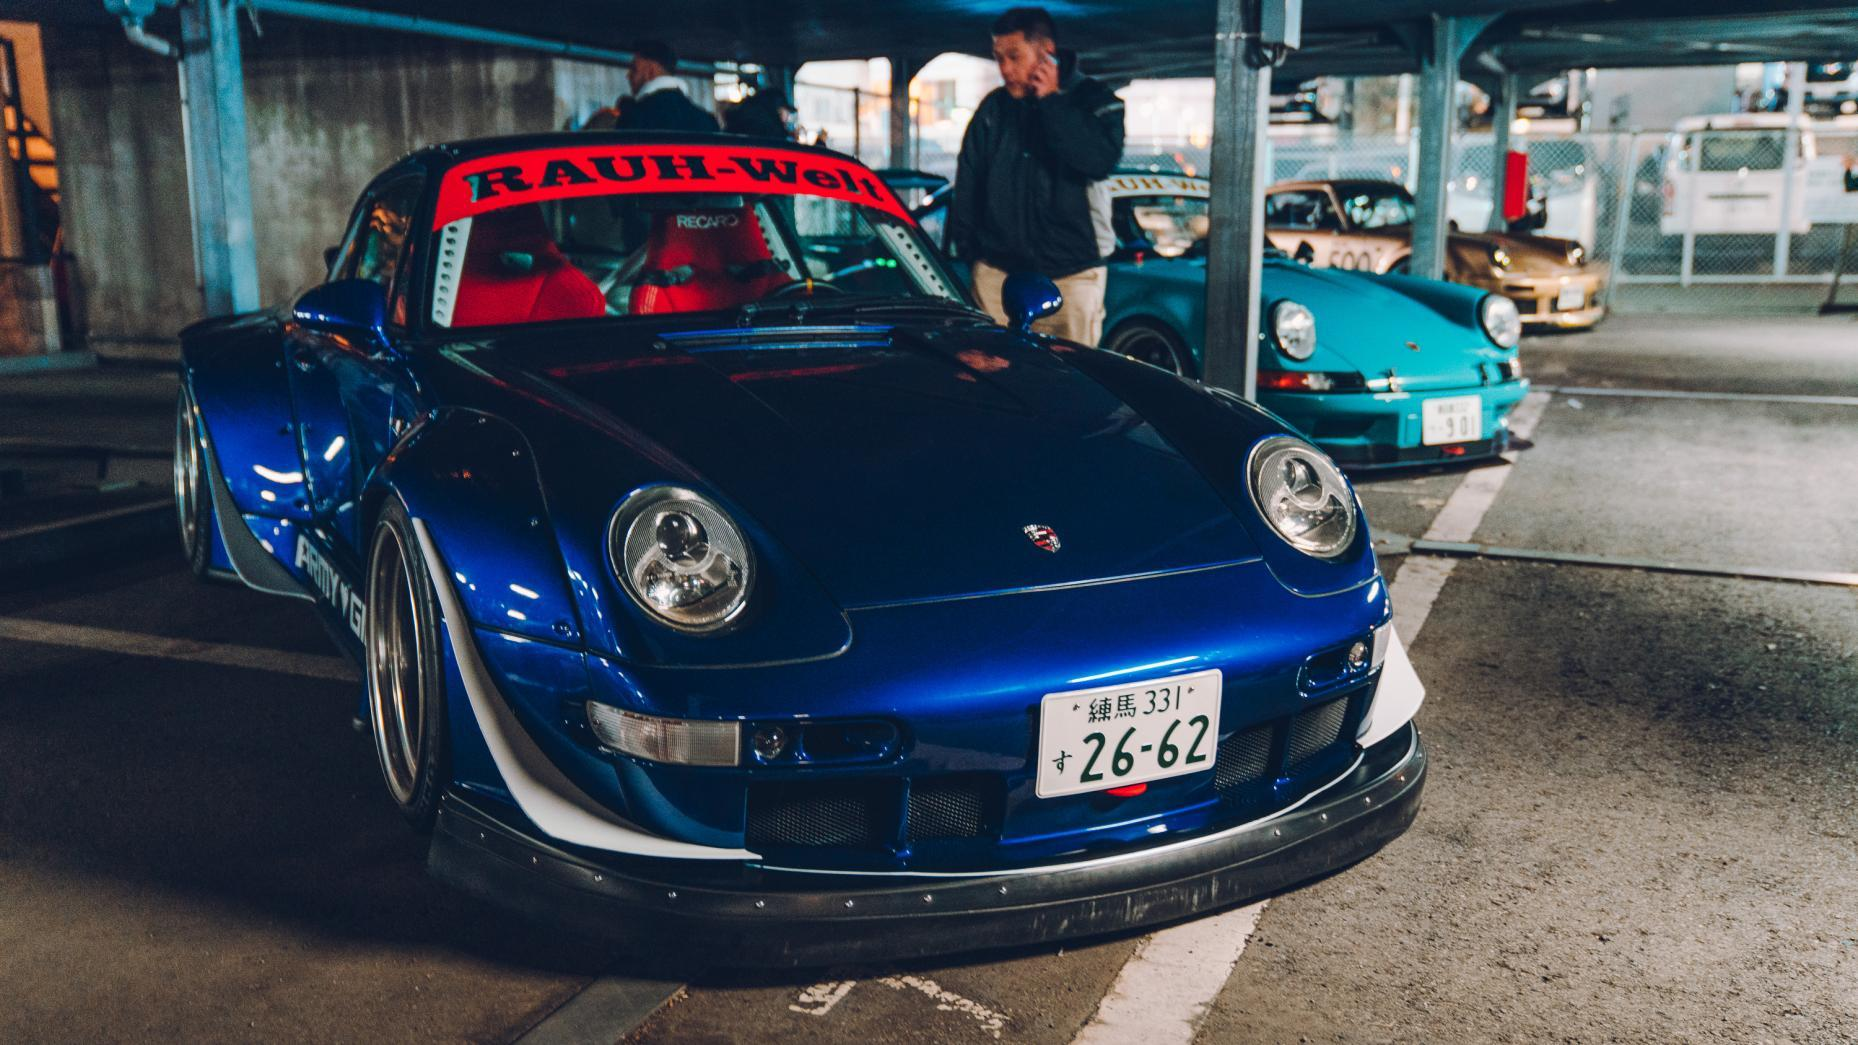 RWB-Porsches Rauh Welt Begriff